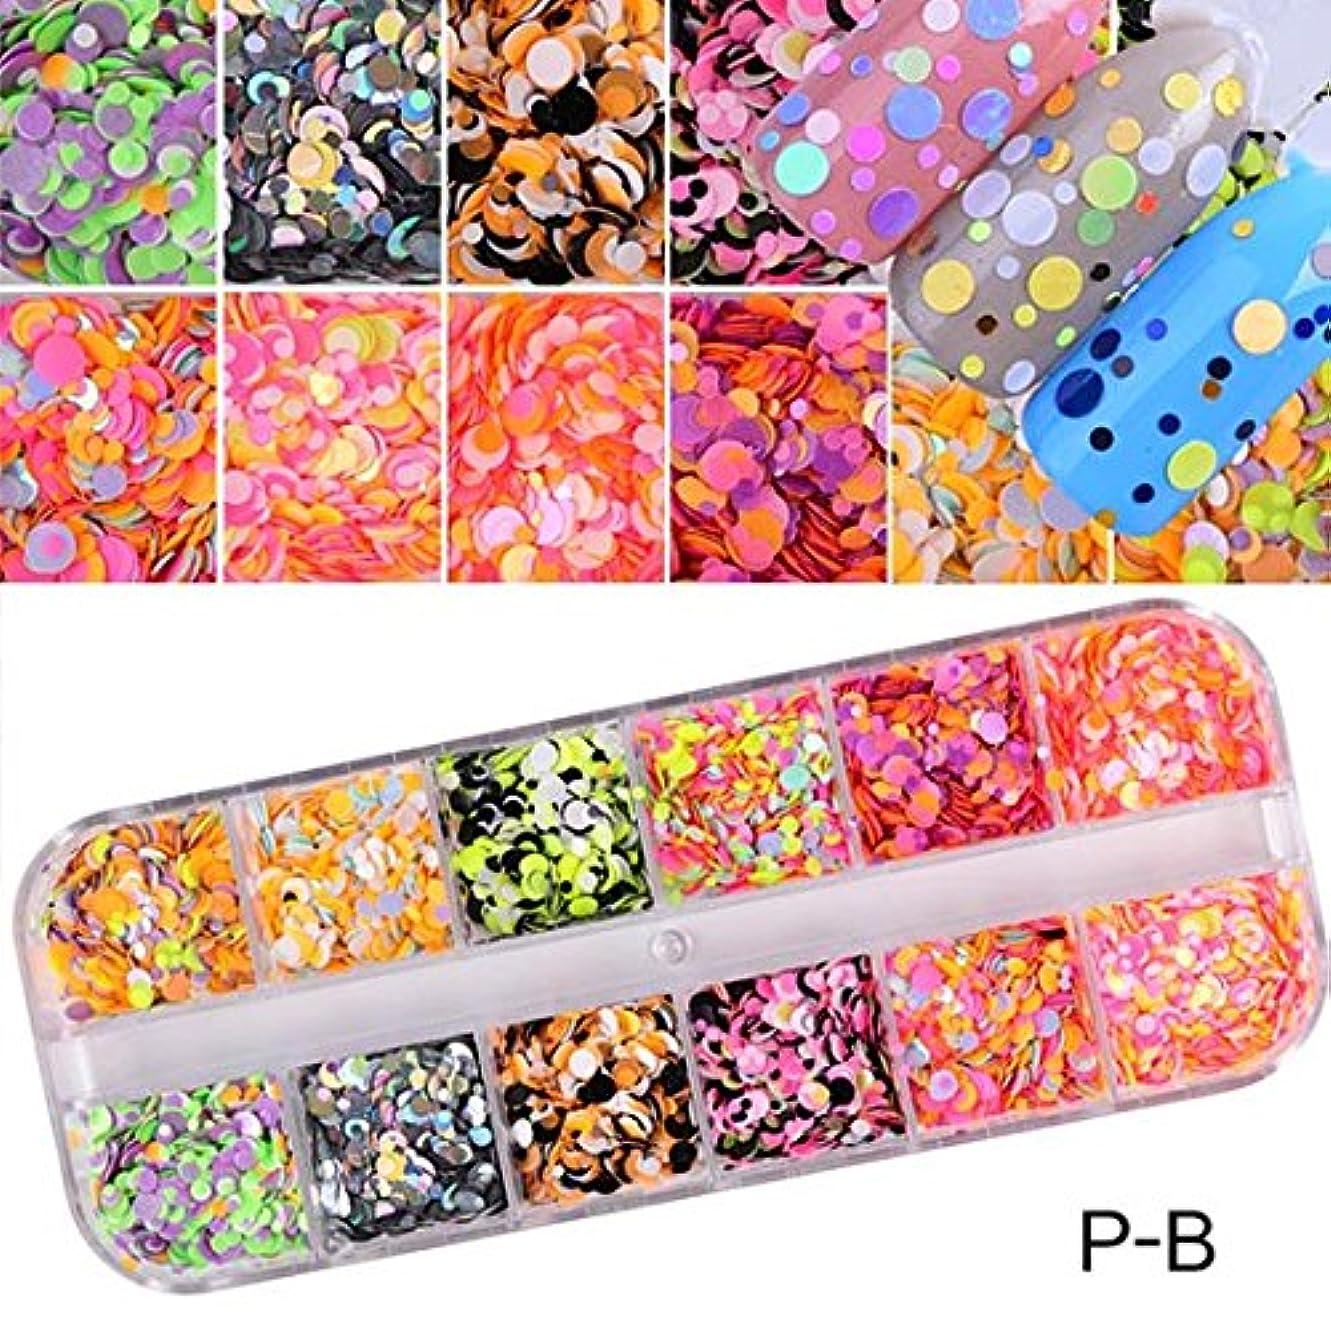 貞送料女優1 Set Dazzling Round Nail Glitter Sequins Dust Mixed 12 Grids 1/2/3mm DIY Charm Polish Flakes Decorations Manicure...